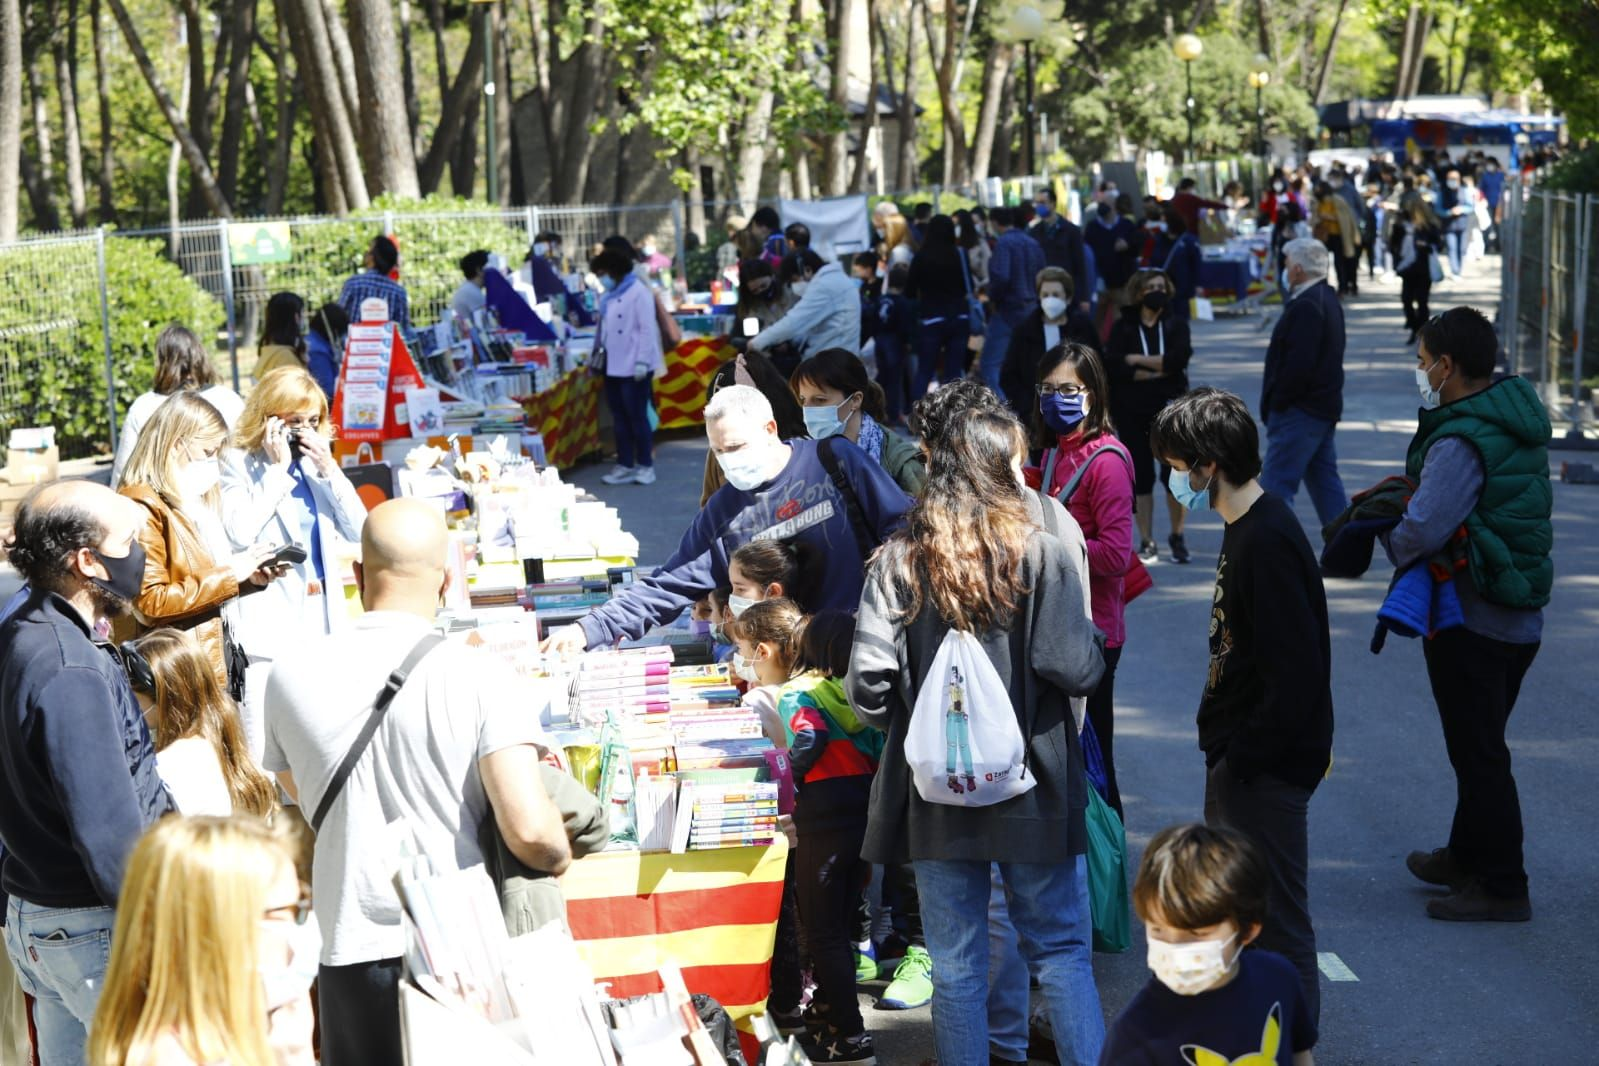 Largas colas y gran afluencia en la Feria del Libro del Parque Grande de Zaragoza